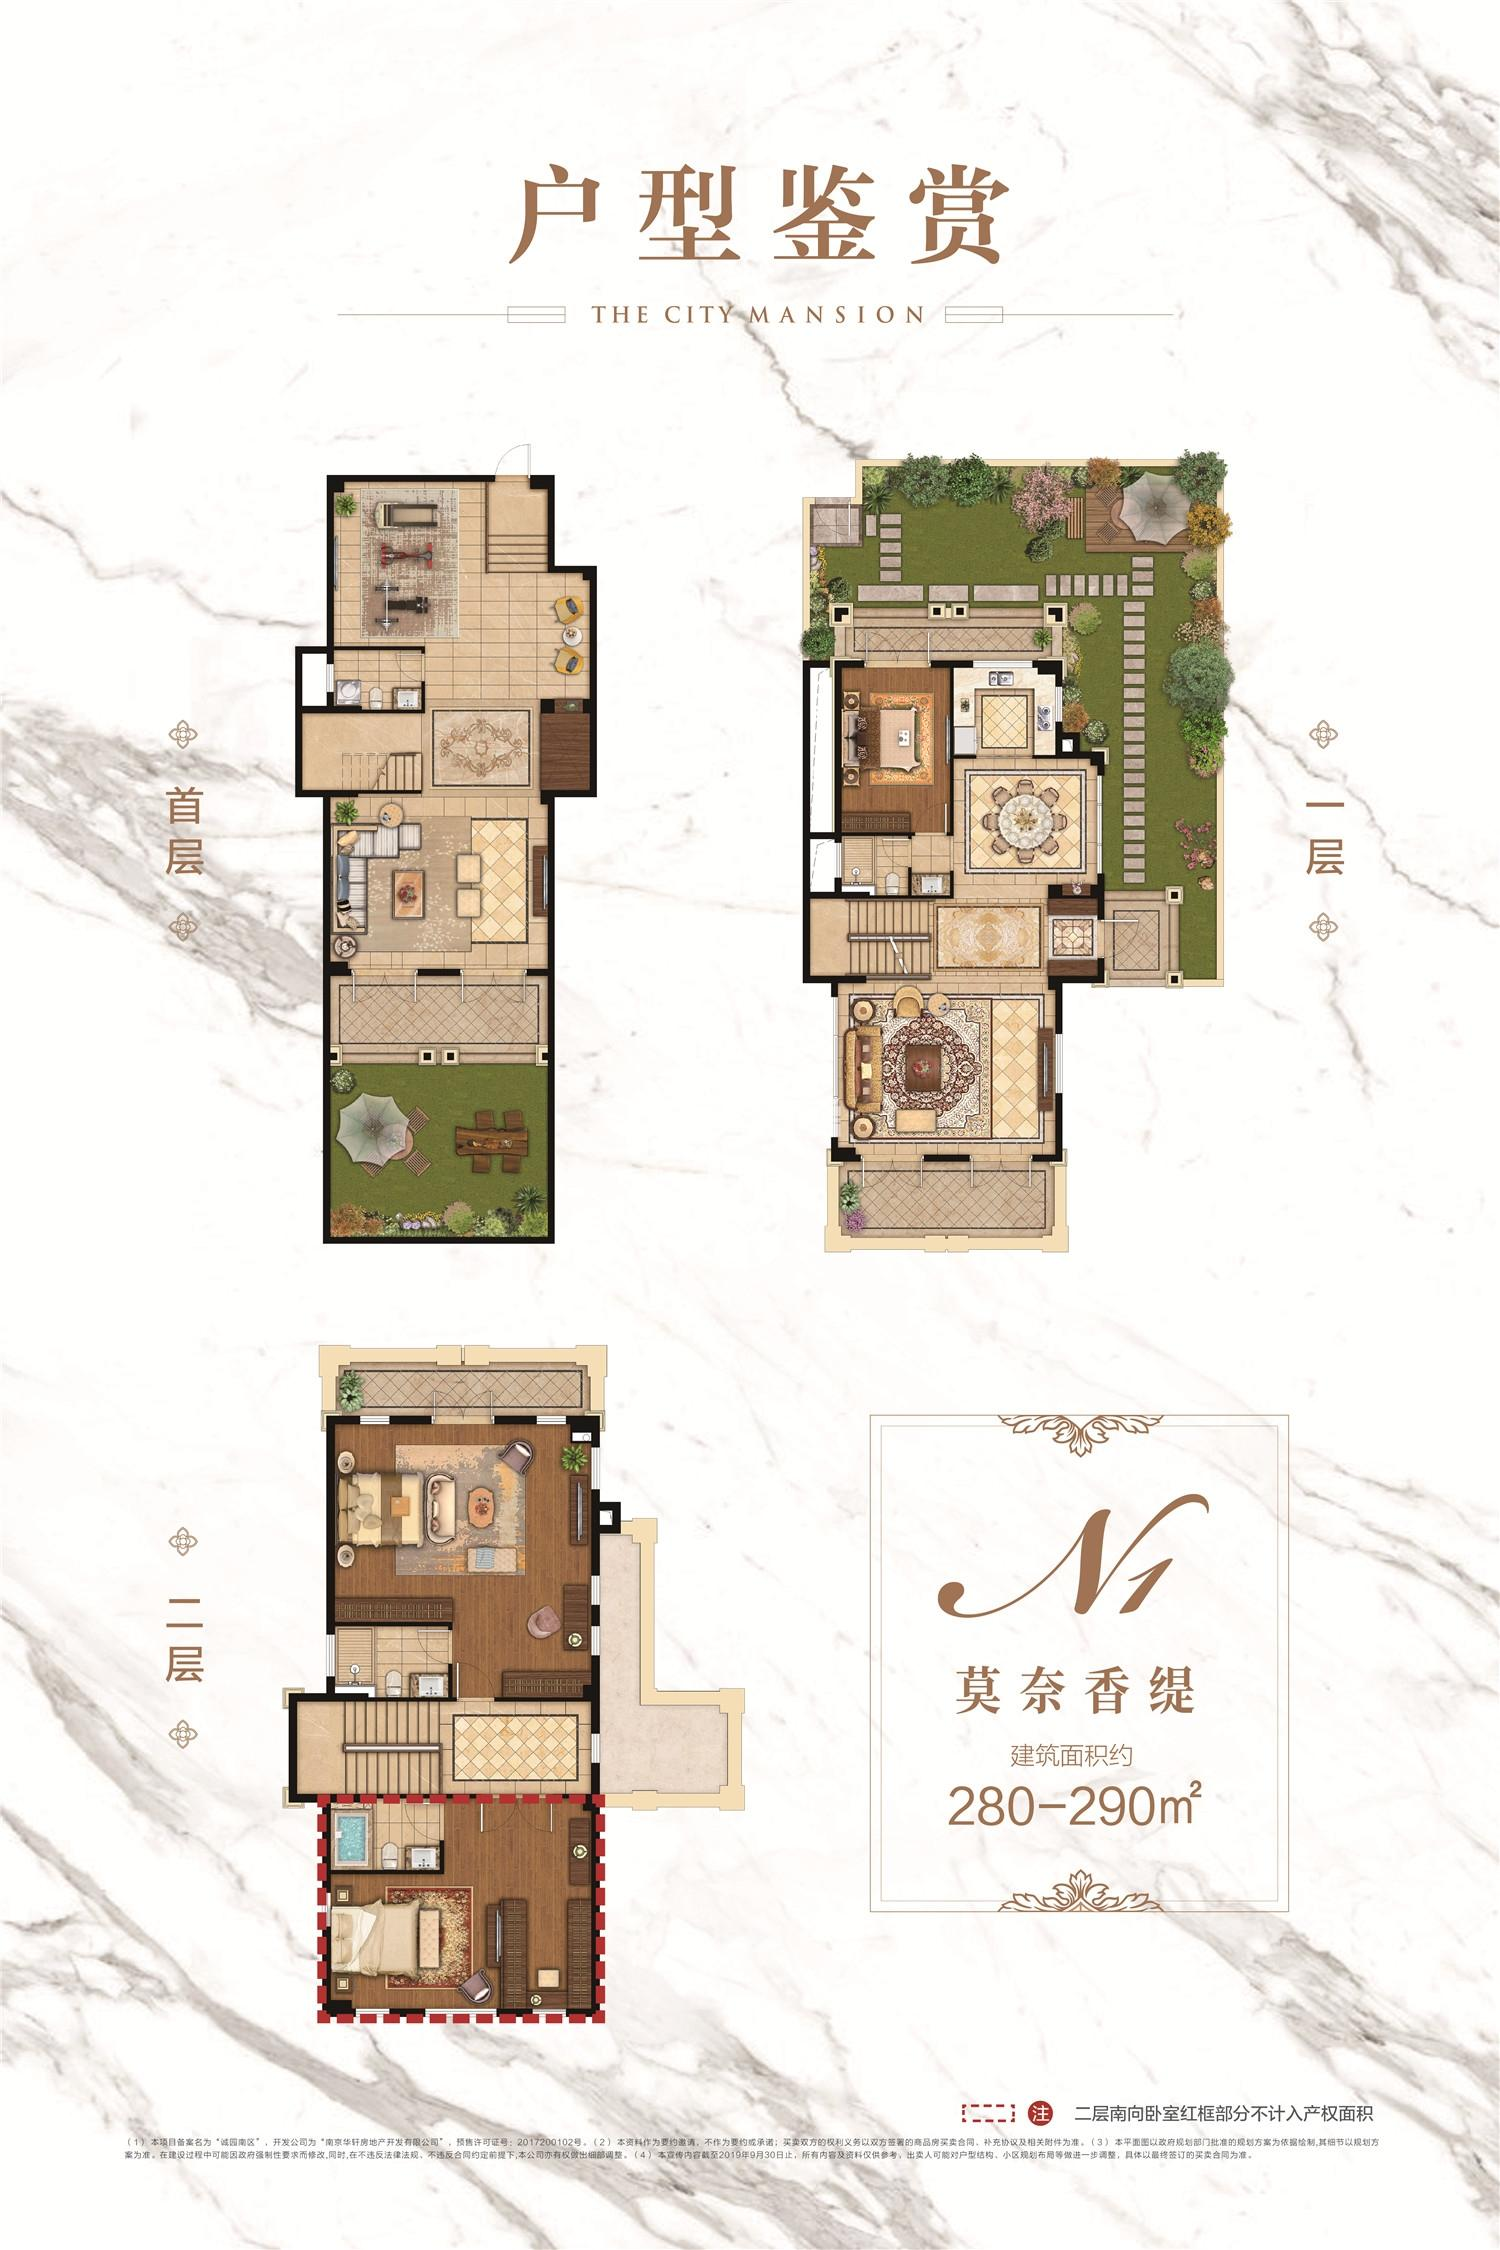 诚园南区(帝景天誉)280-290㎡N1户型